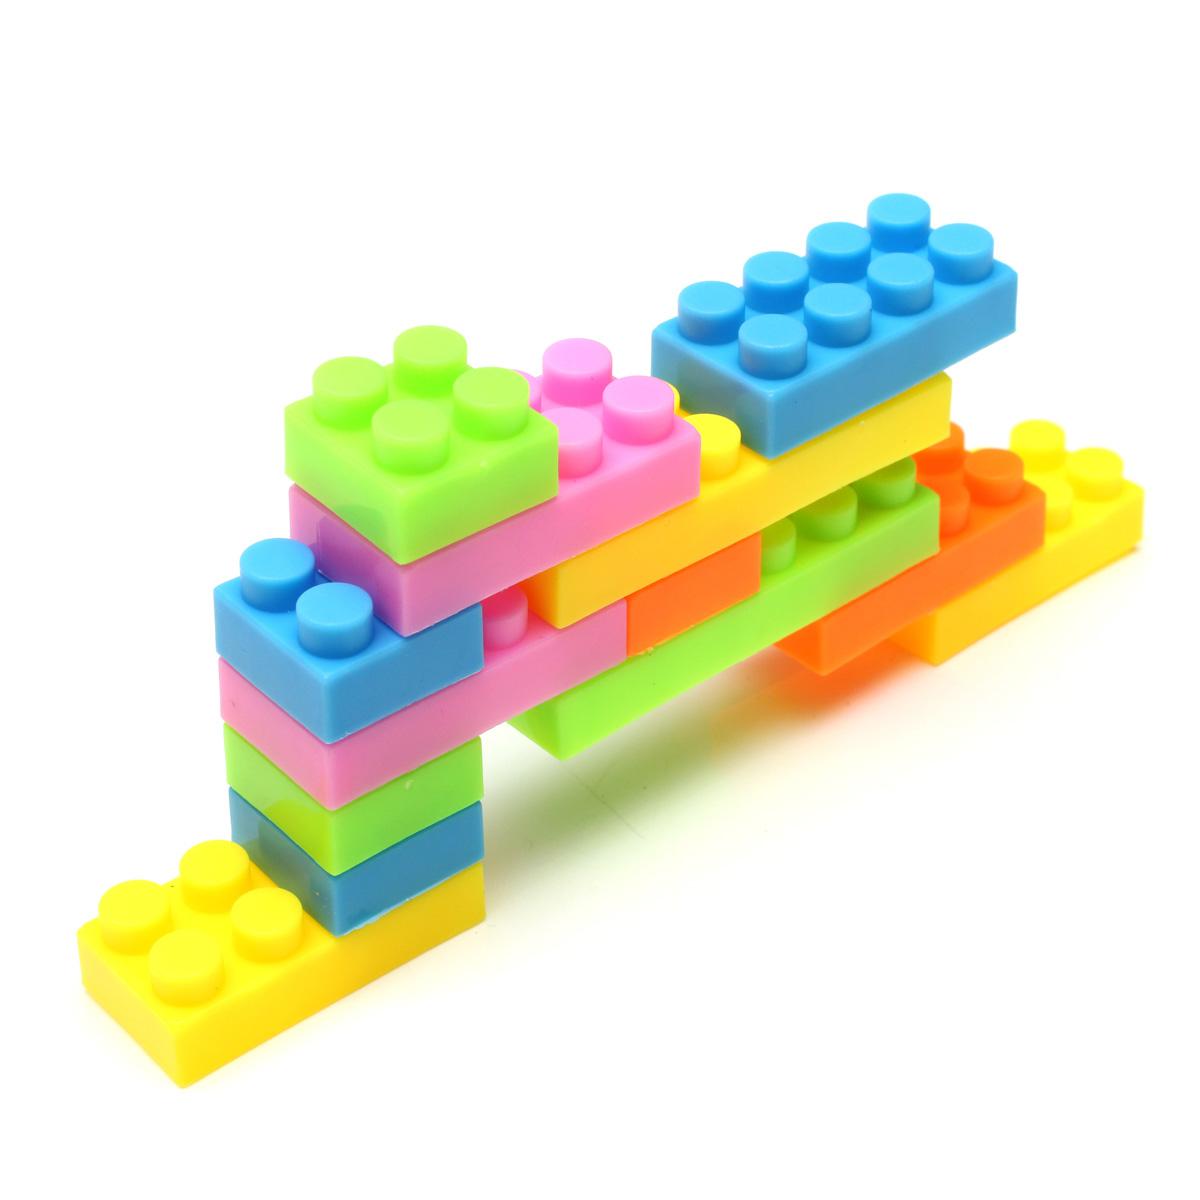 3sets Each 144pcs Plastic Building Blocks Children Kids